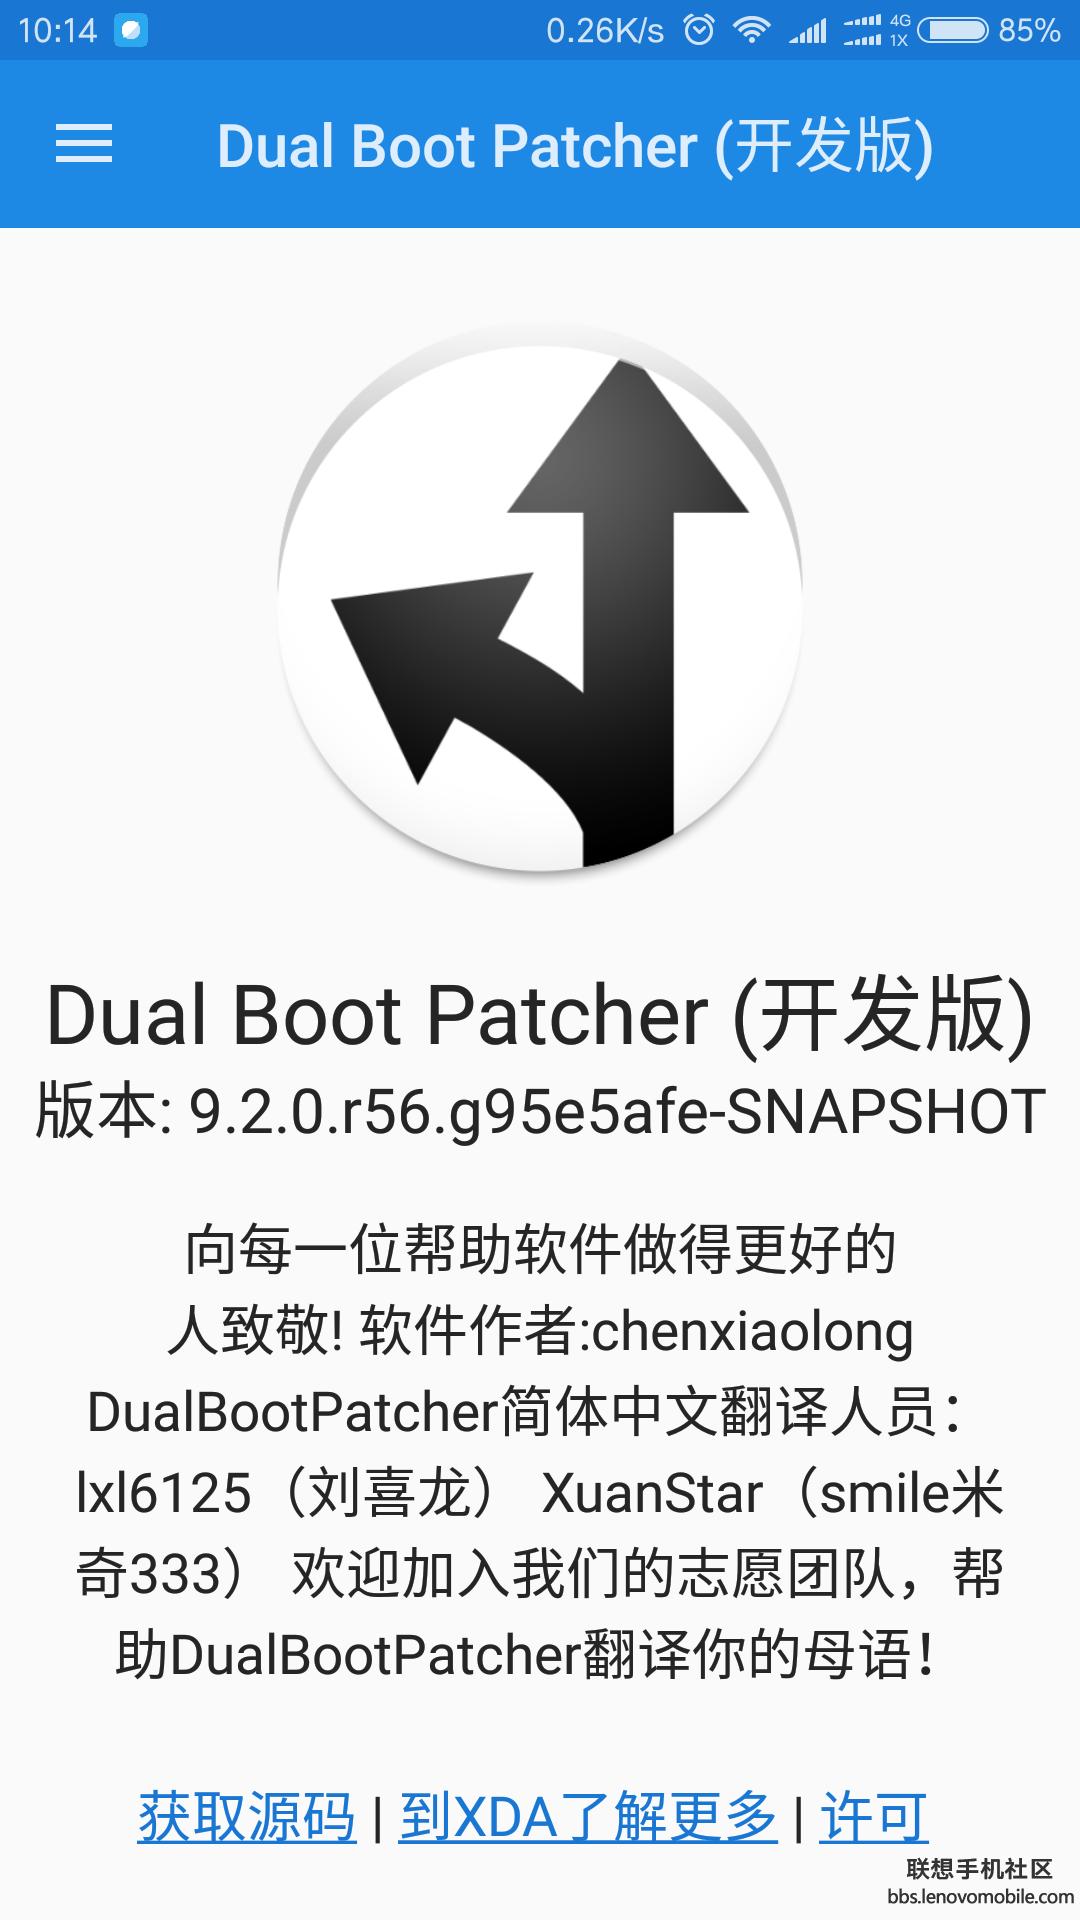 Screenshot_2017-04-24-10-14-32-670_com.github.chenxiaolong.dualbootpatcher.snapshot.png